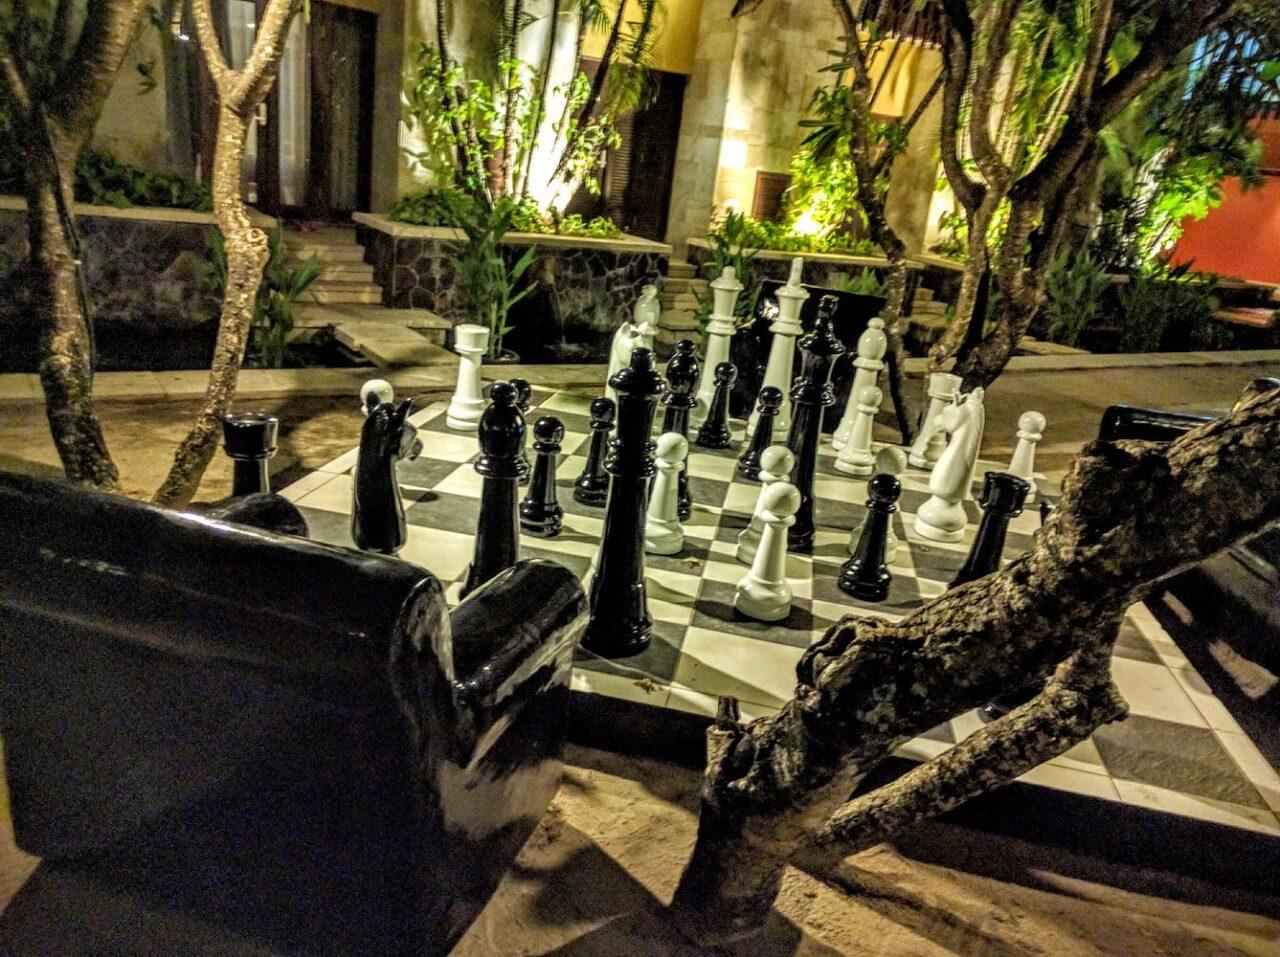 hard rock chess – unique